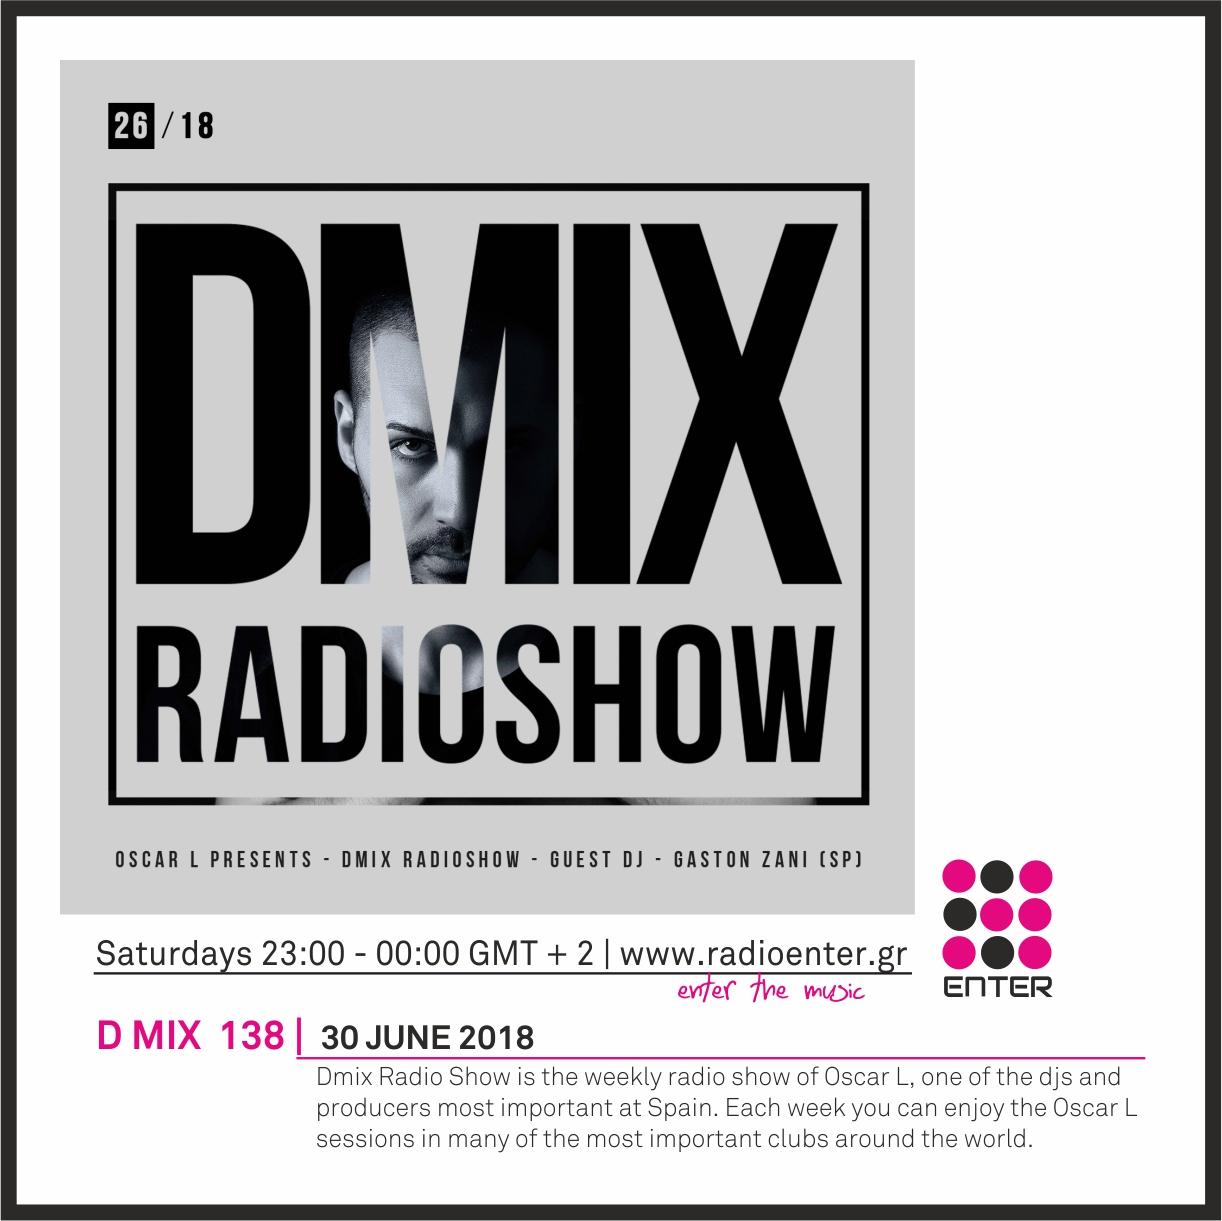 2018.06.30 - Oscar L Radio D MIX 138